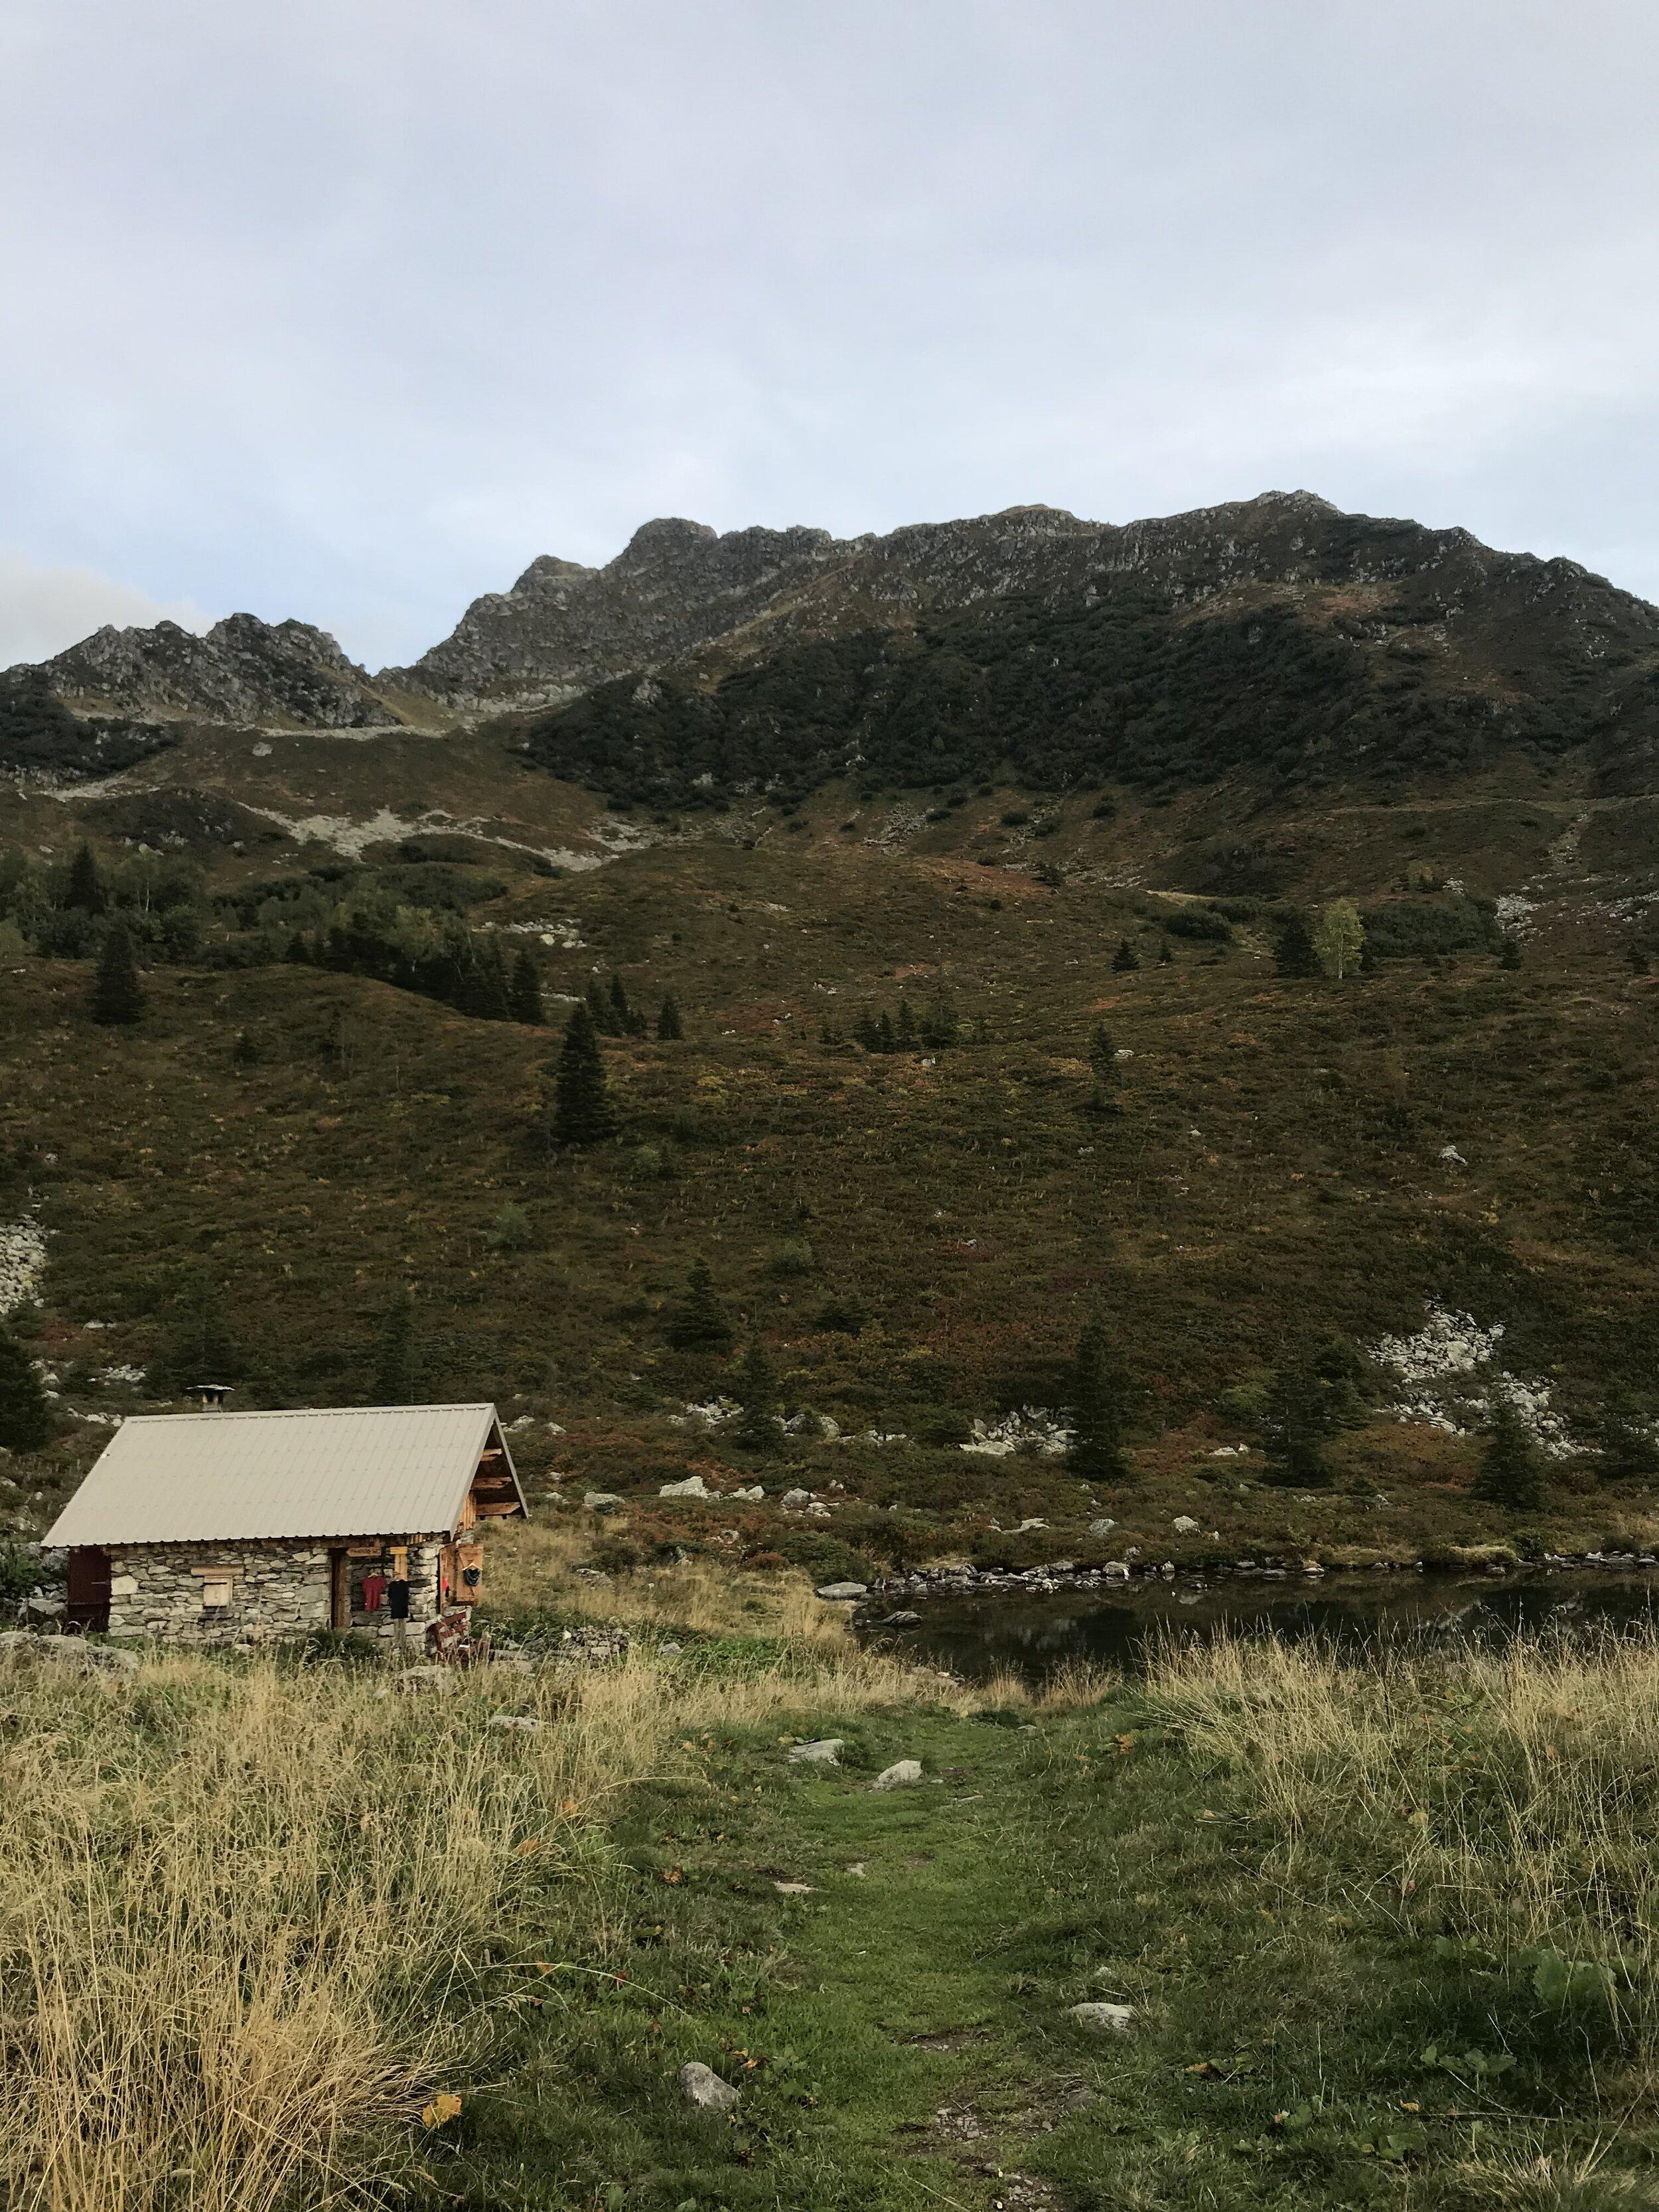 Jour 4 : Refuge du Claran - Chalet du Léat - - 20,5 km- 1900m D+- 2000 D-